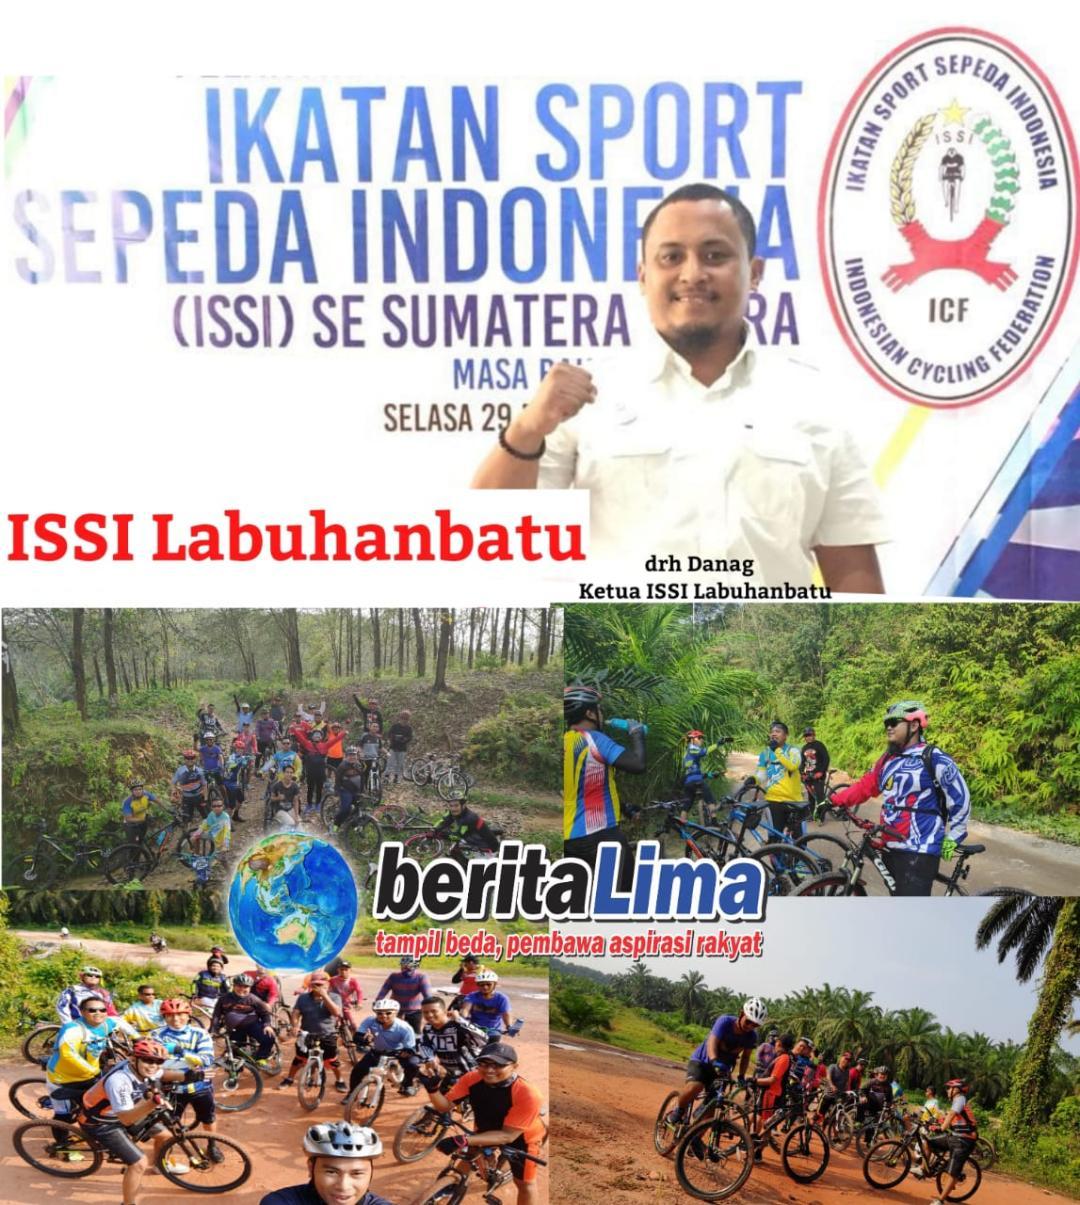 ISSI Labuhanbatu Jalin Silaturrahmi Dengan Berbagai Club Sepeda